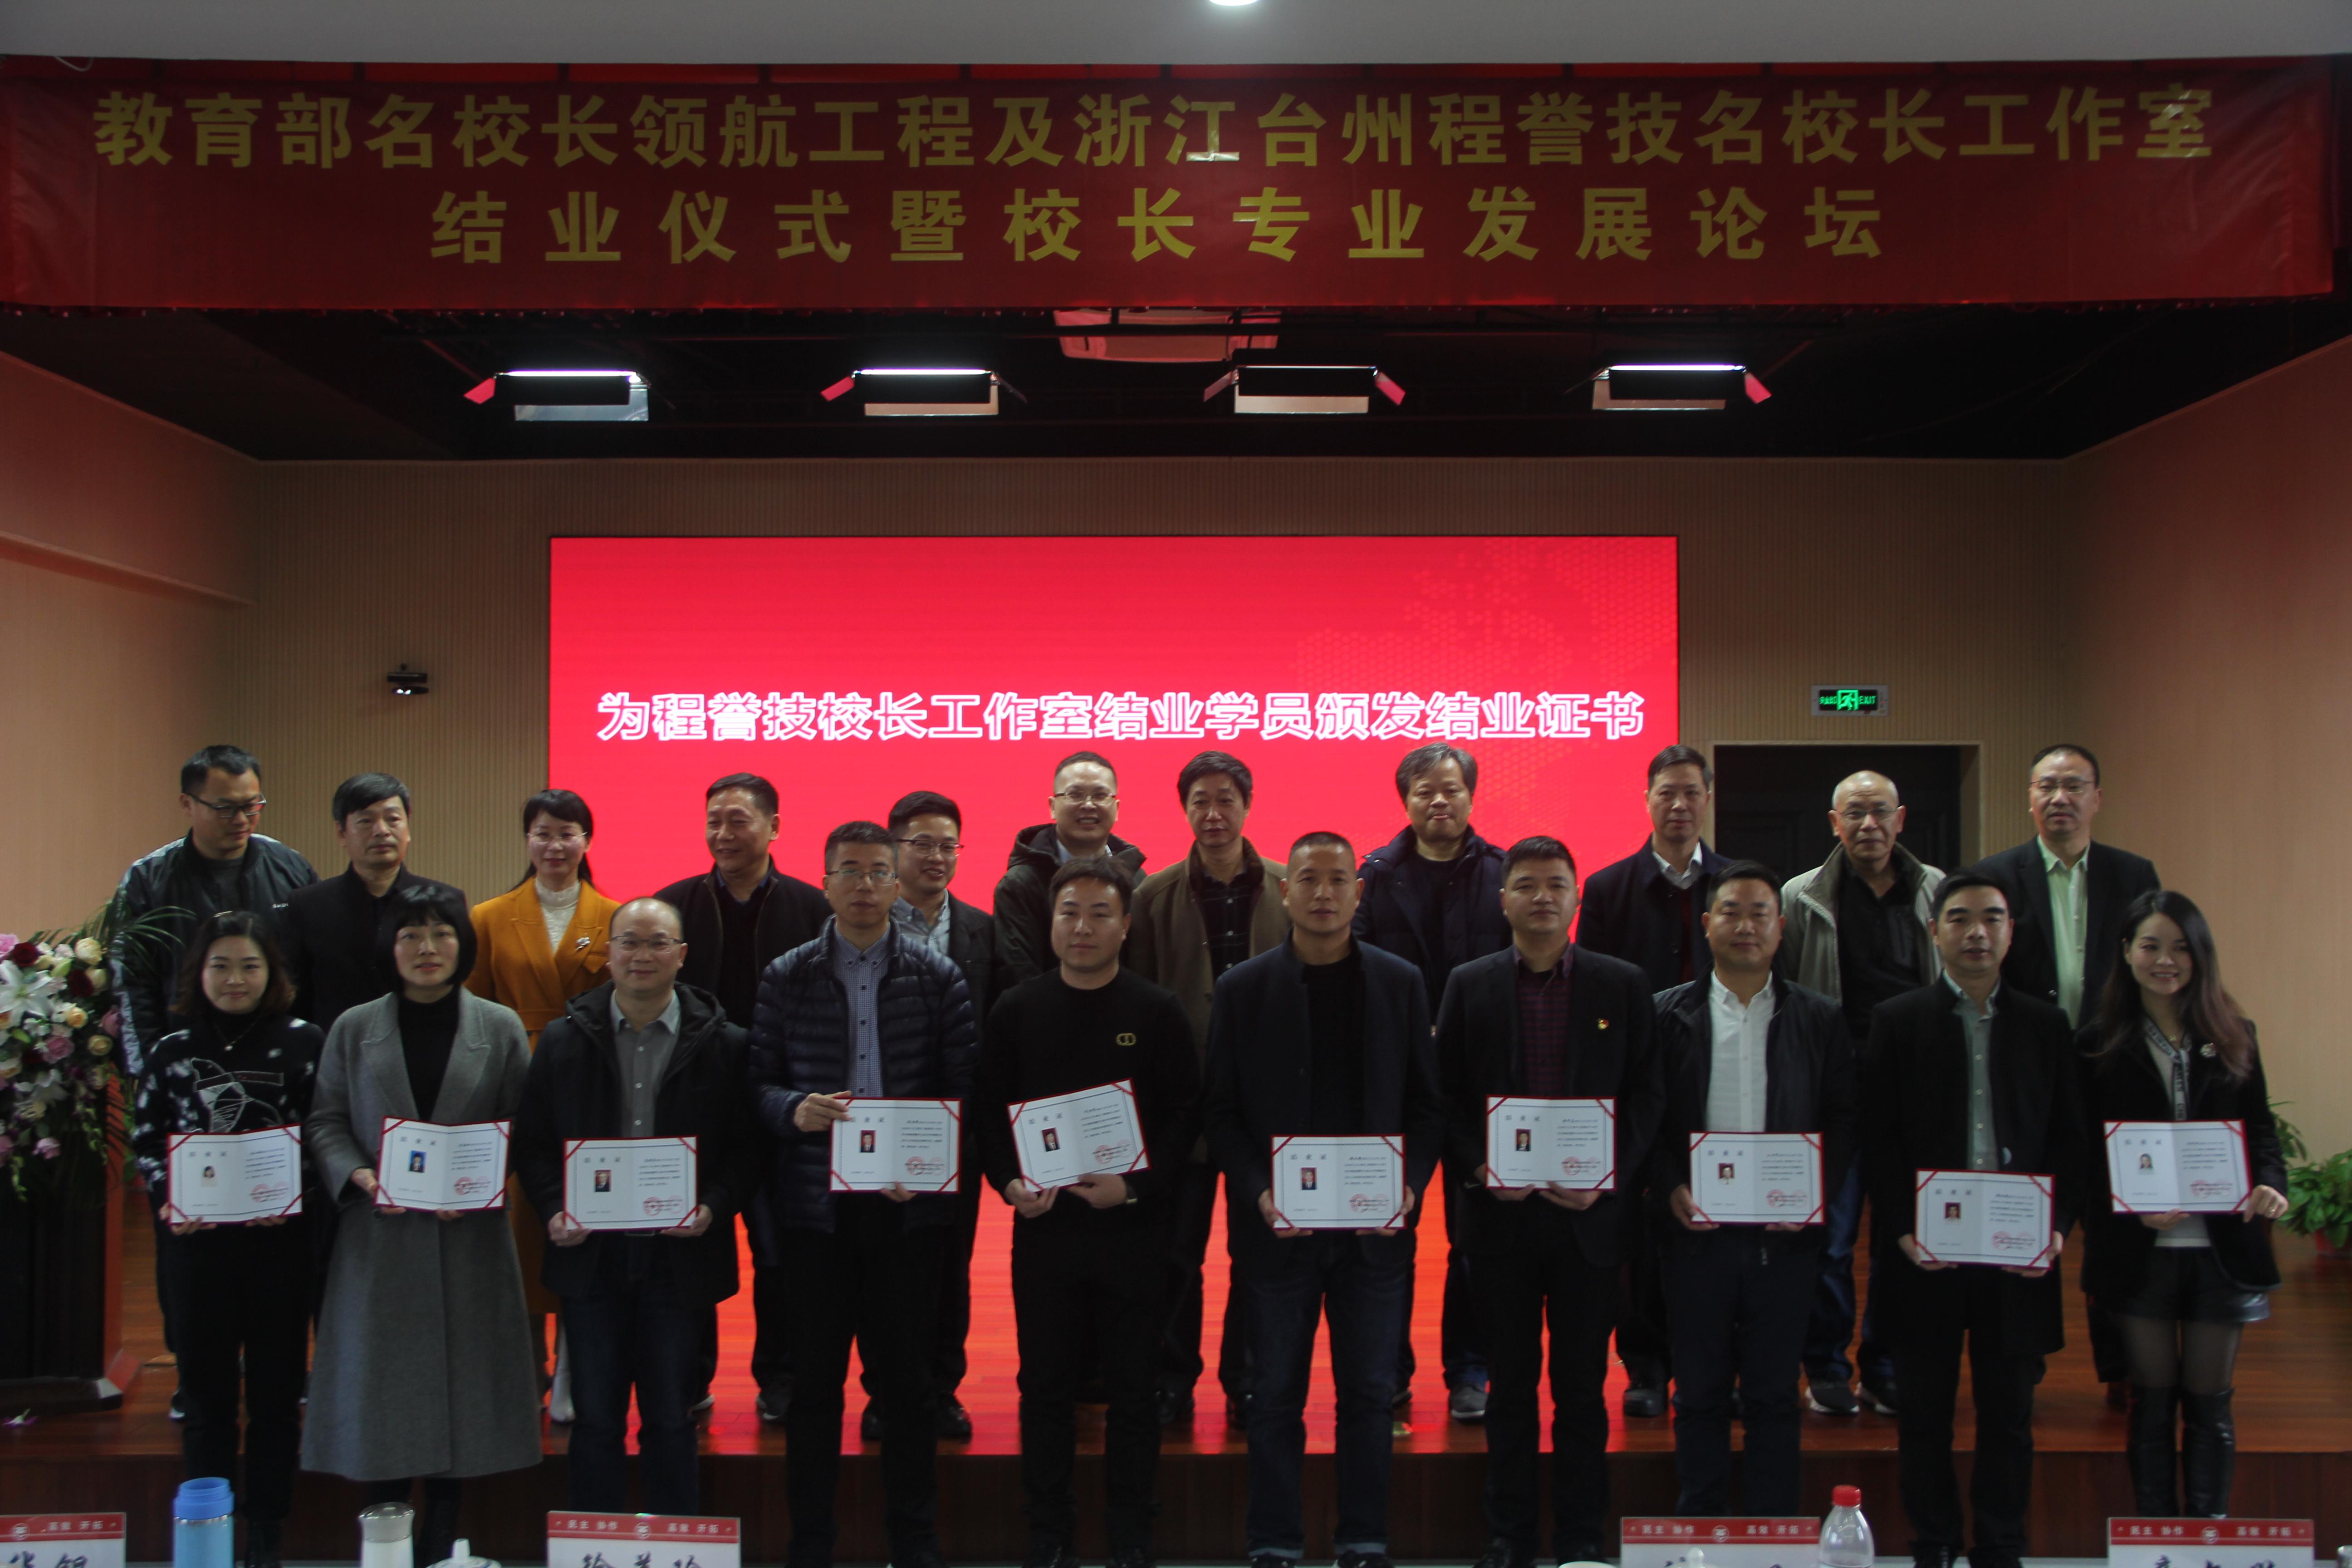 教育部首期中小学领航班及浙江台州程誉技名校长工作室